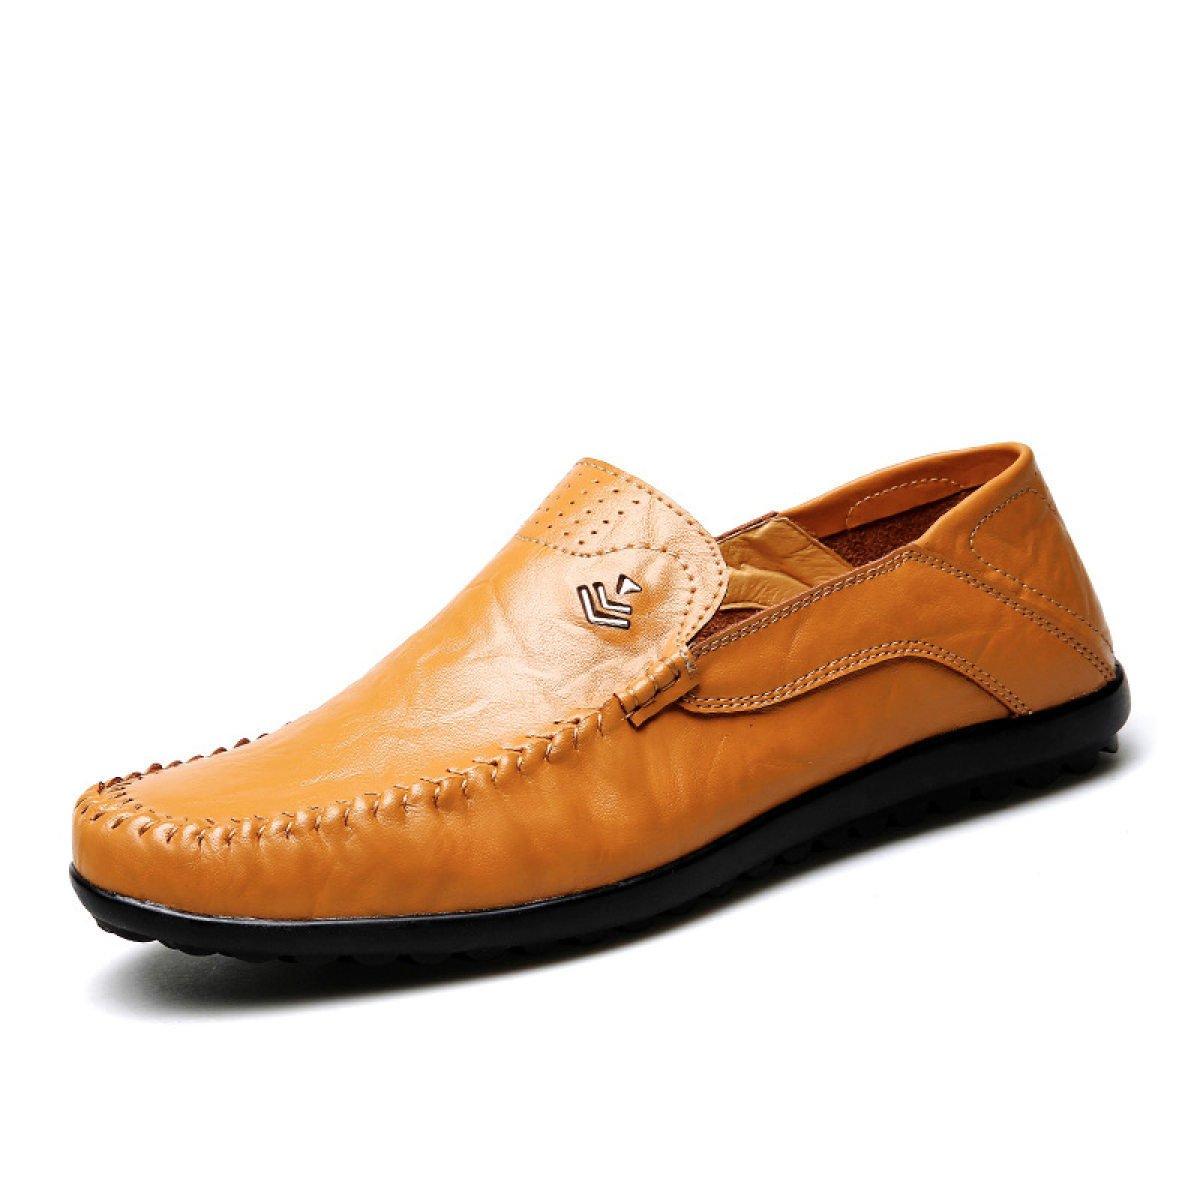 LYZGF Moda Juvenil De Primavera Y Verano Casual Moda Soft Bottom Driving Zapatos De Cuero,Yellow-38 38|Yellow